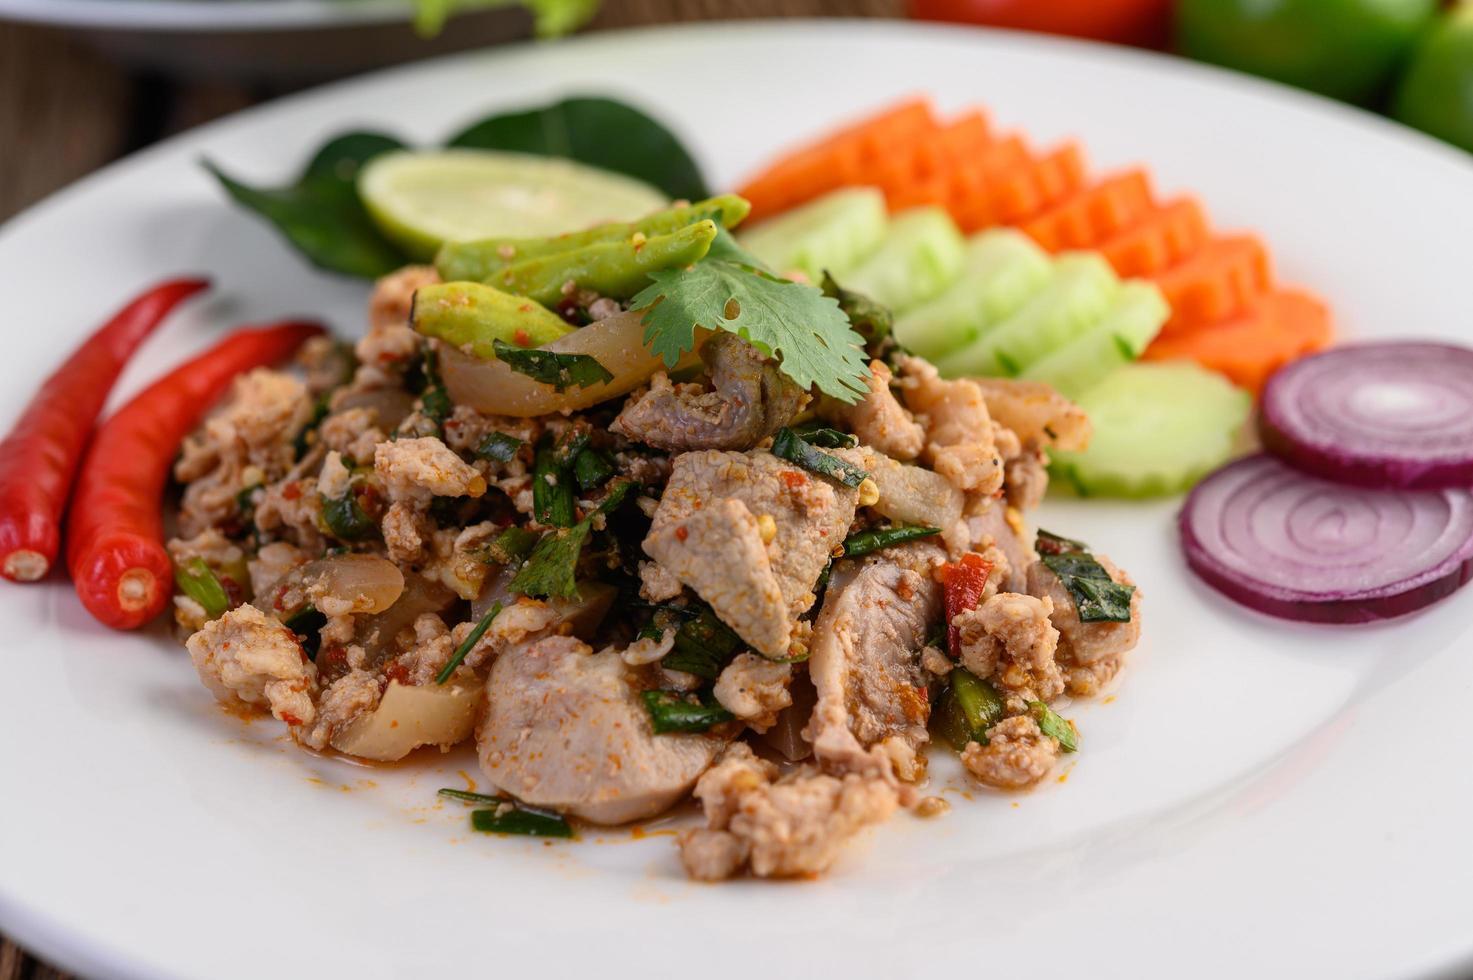 Salade de porc émincé aux épices sur une table en bois photo